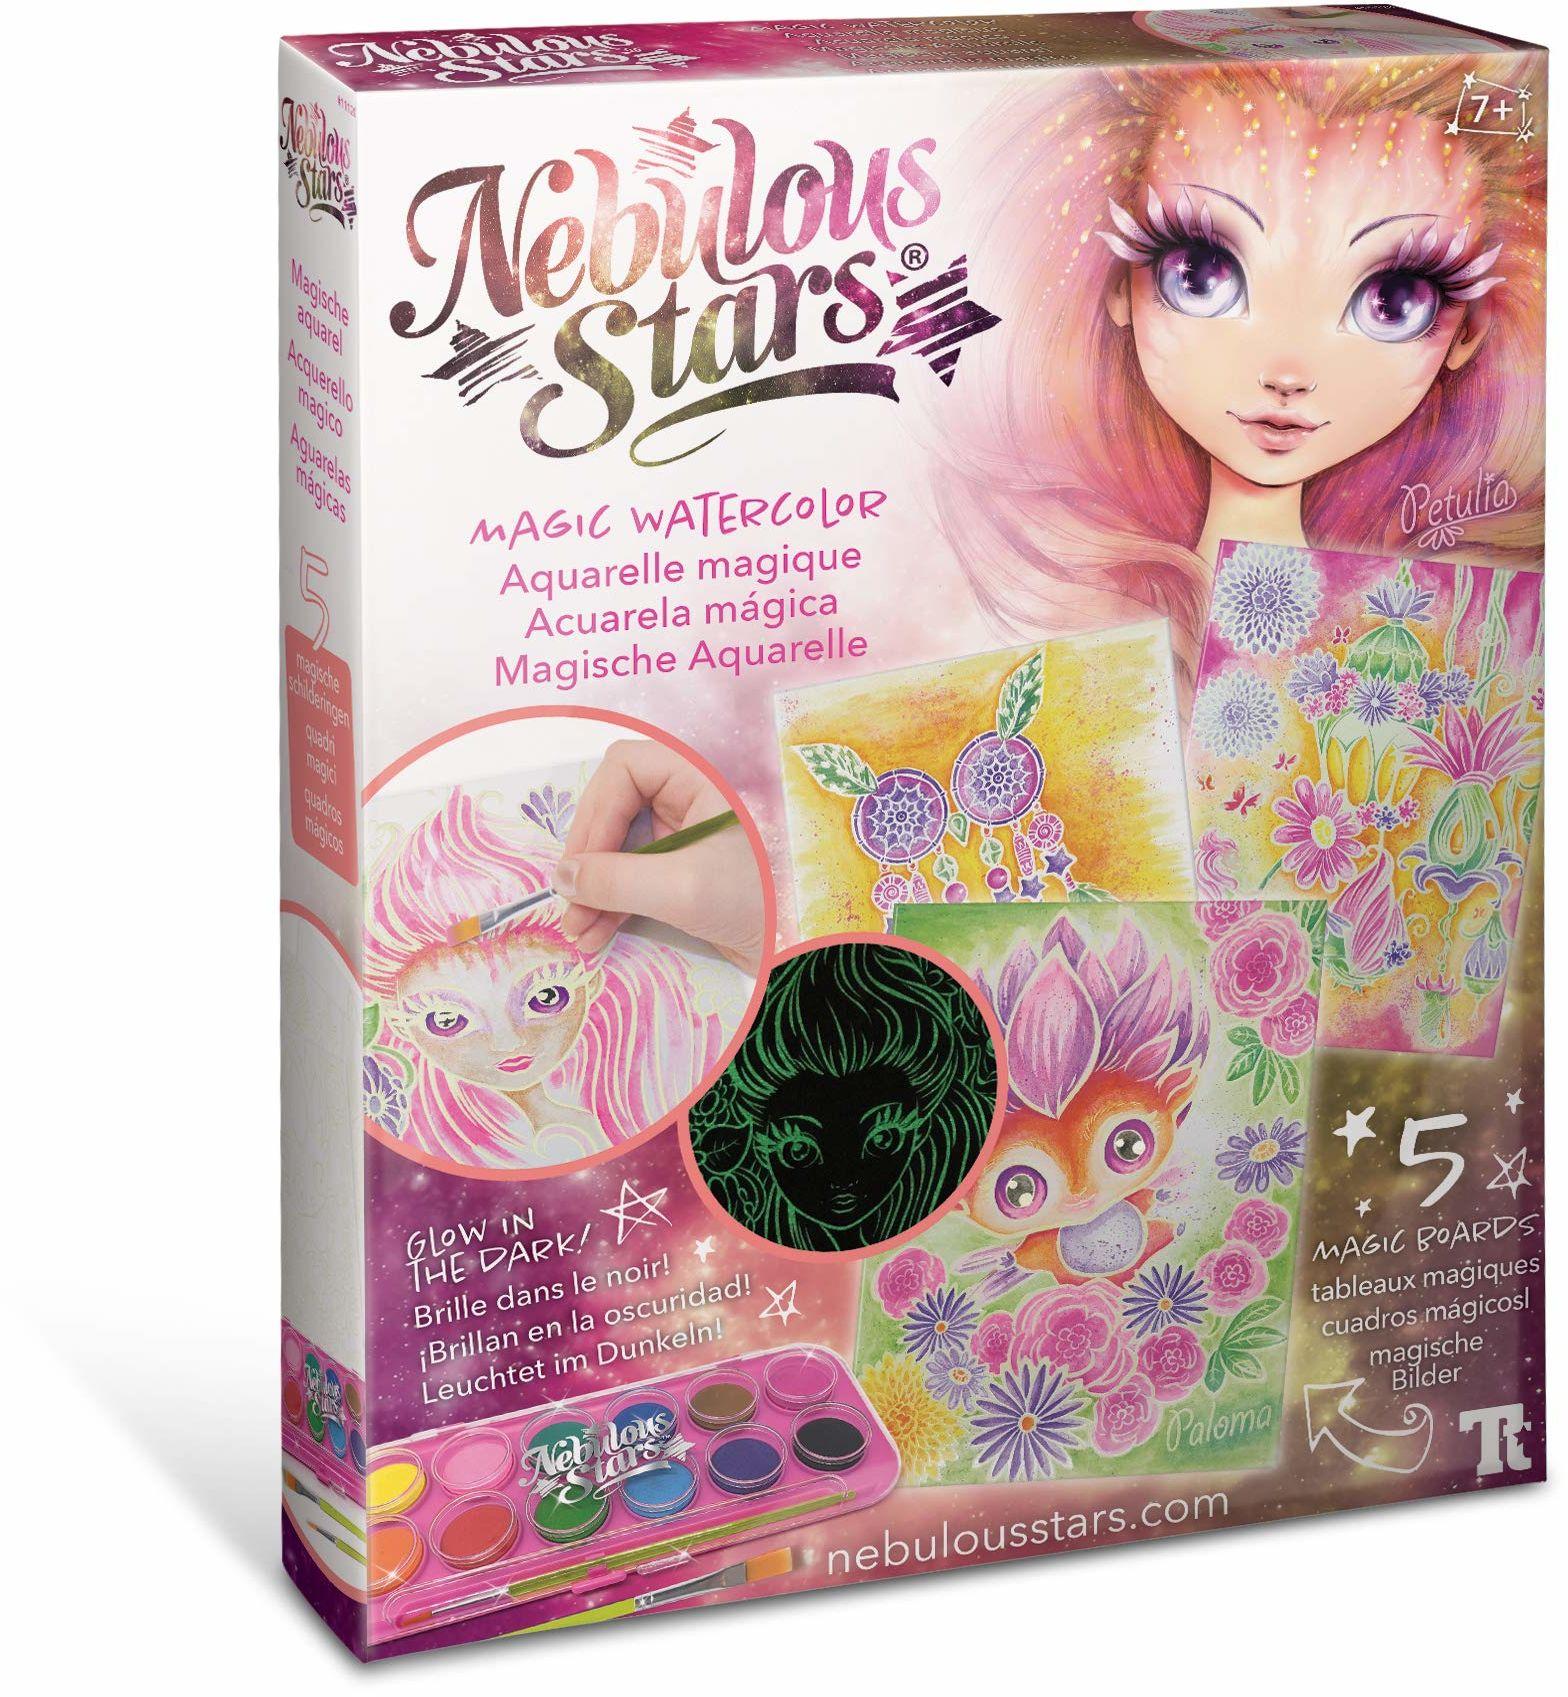 Nebulous Stars 11120 magiczne pudełko akwarelowe, wielokolorowe, 19-częściowy zestaw